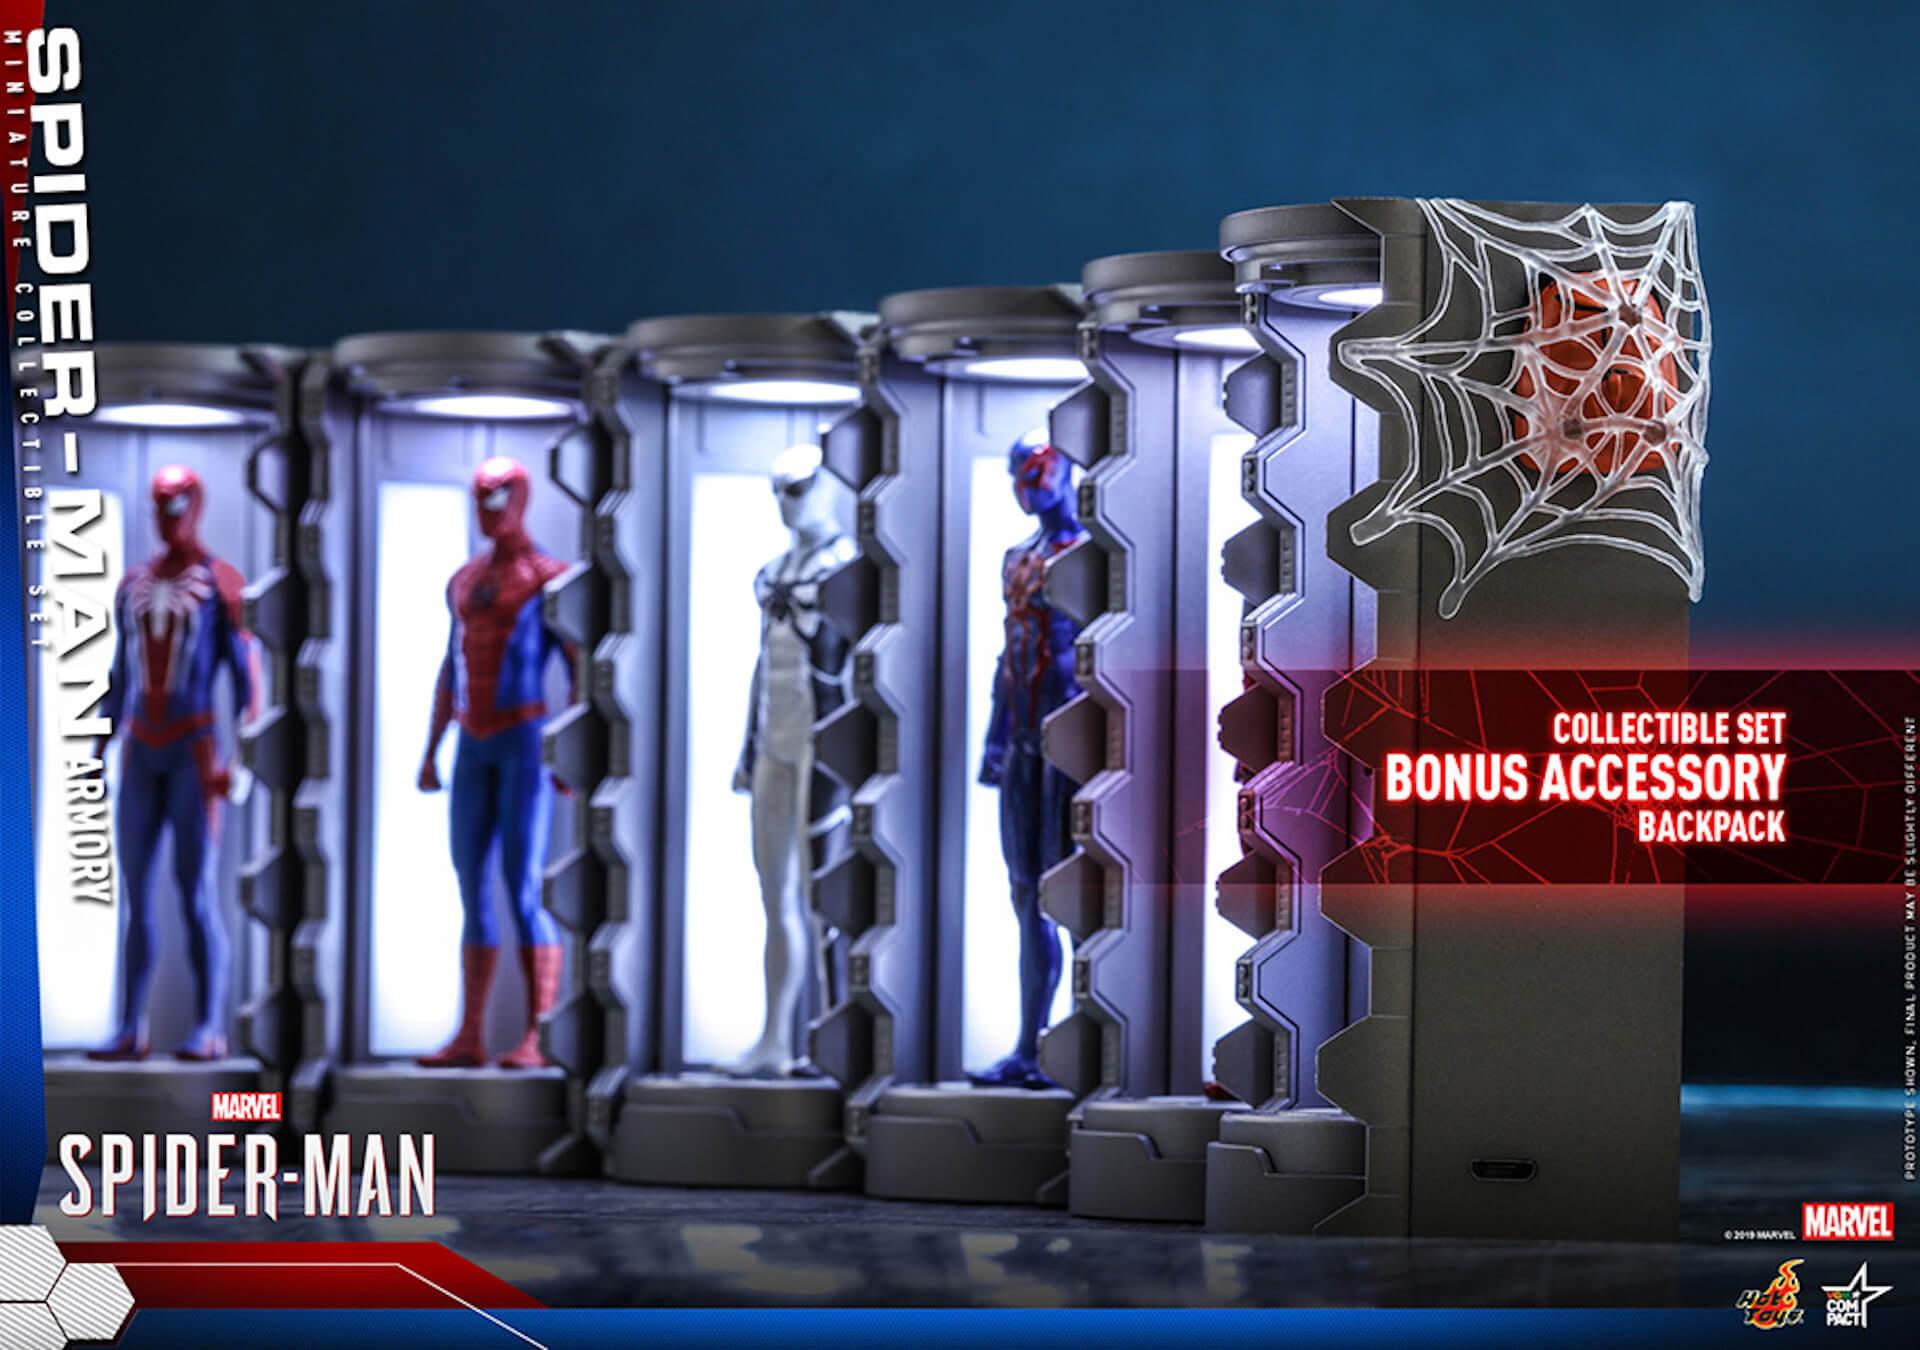 6つのスパイダーマン・スーツが勢ぞろい!大人気PS4用ゲームソフト『Marvel's Spider-Man』からミニチュア・フィギュアが登場 art200124_spiderman_hottoys_7